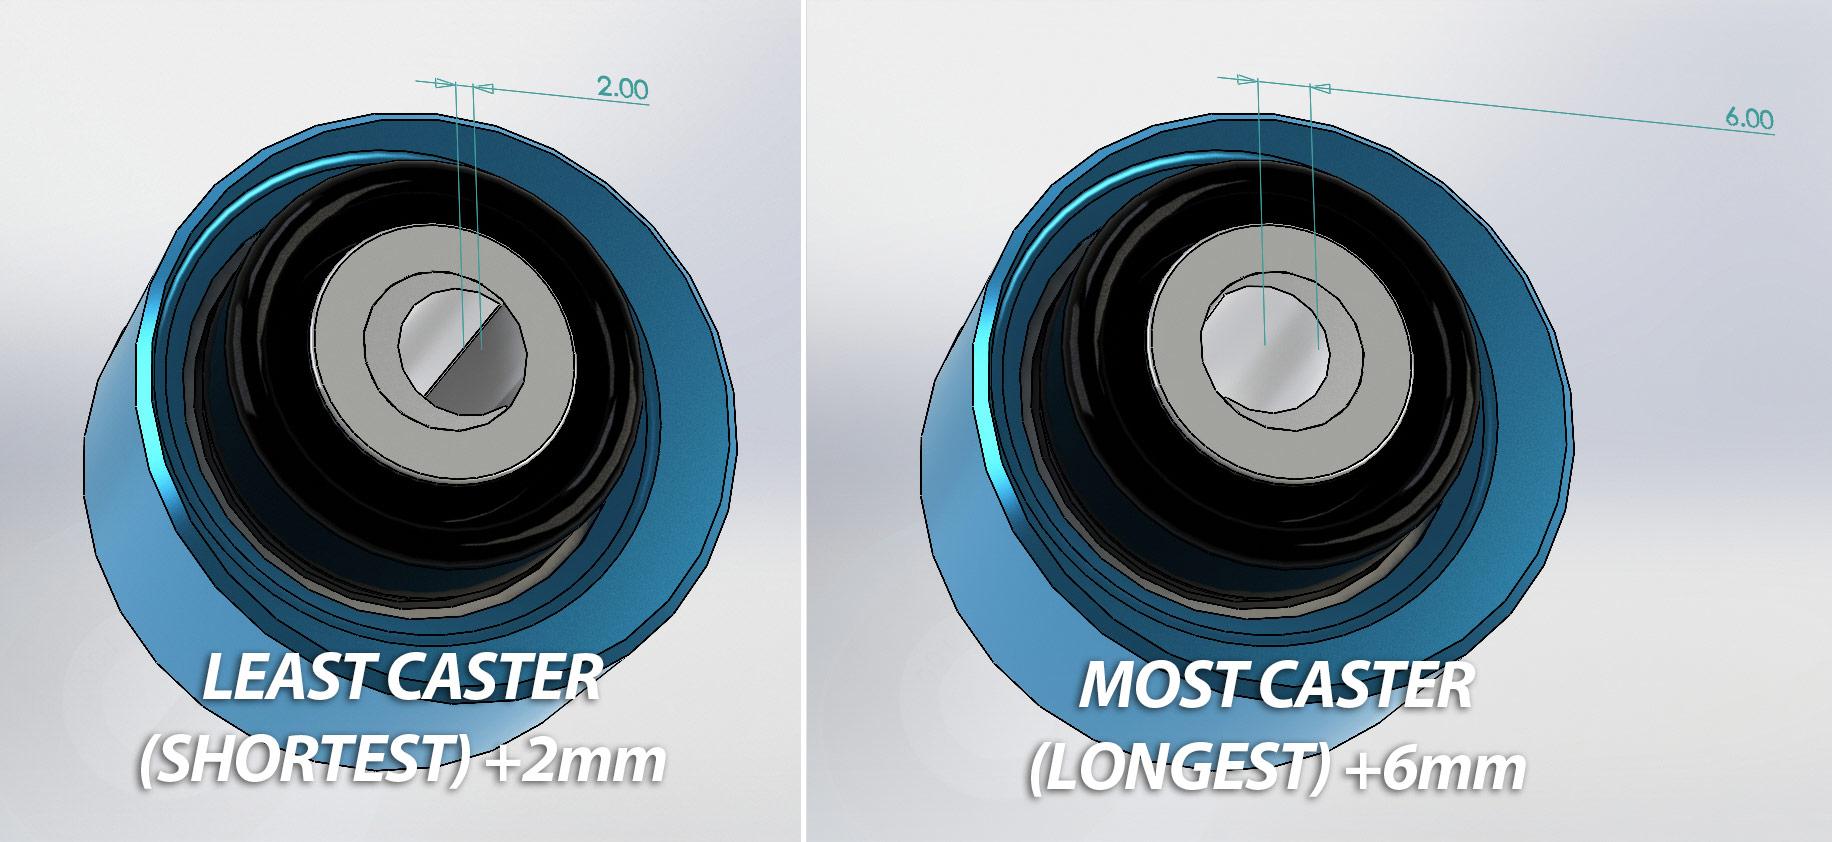 Tesla model 3 CAD diagram of caster adjustment